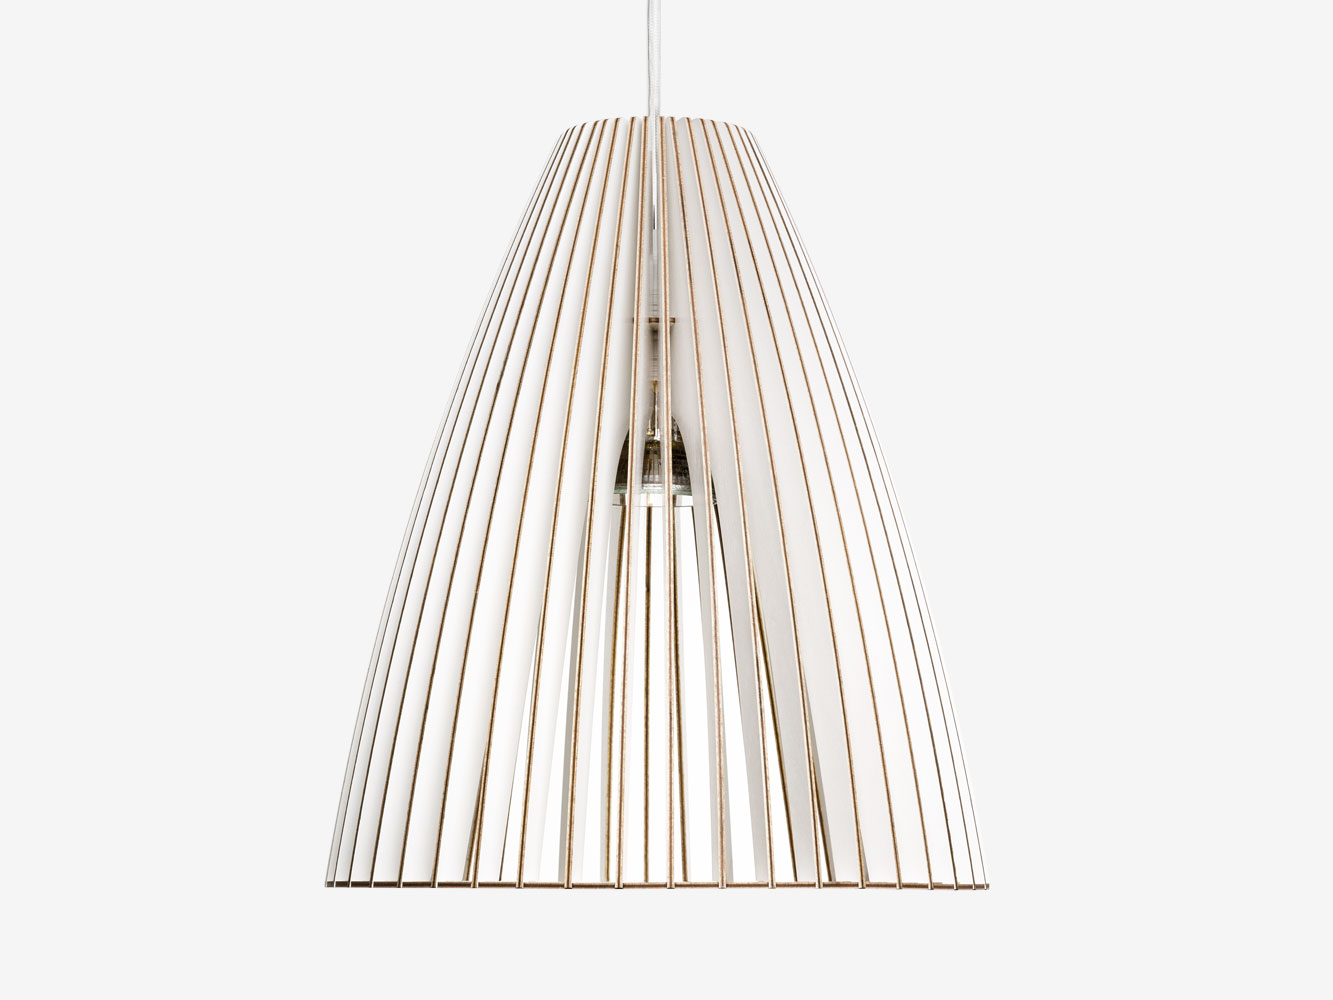 Lampen aus Holz